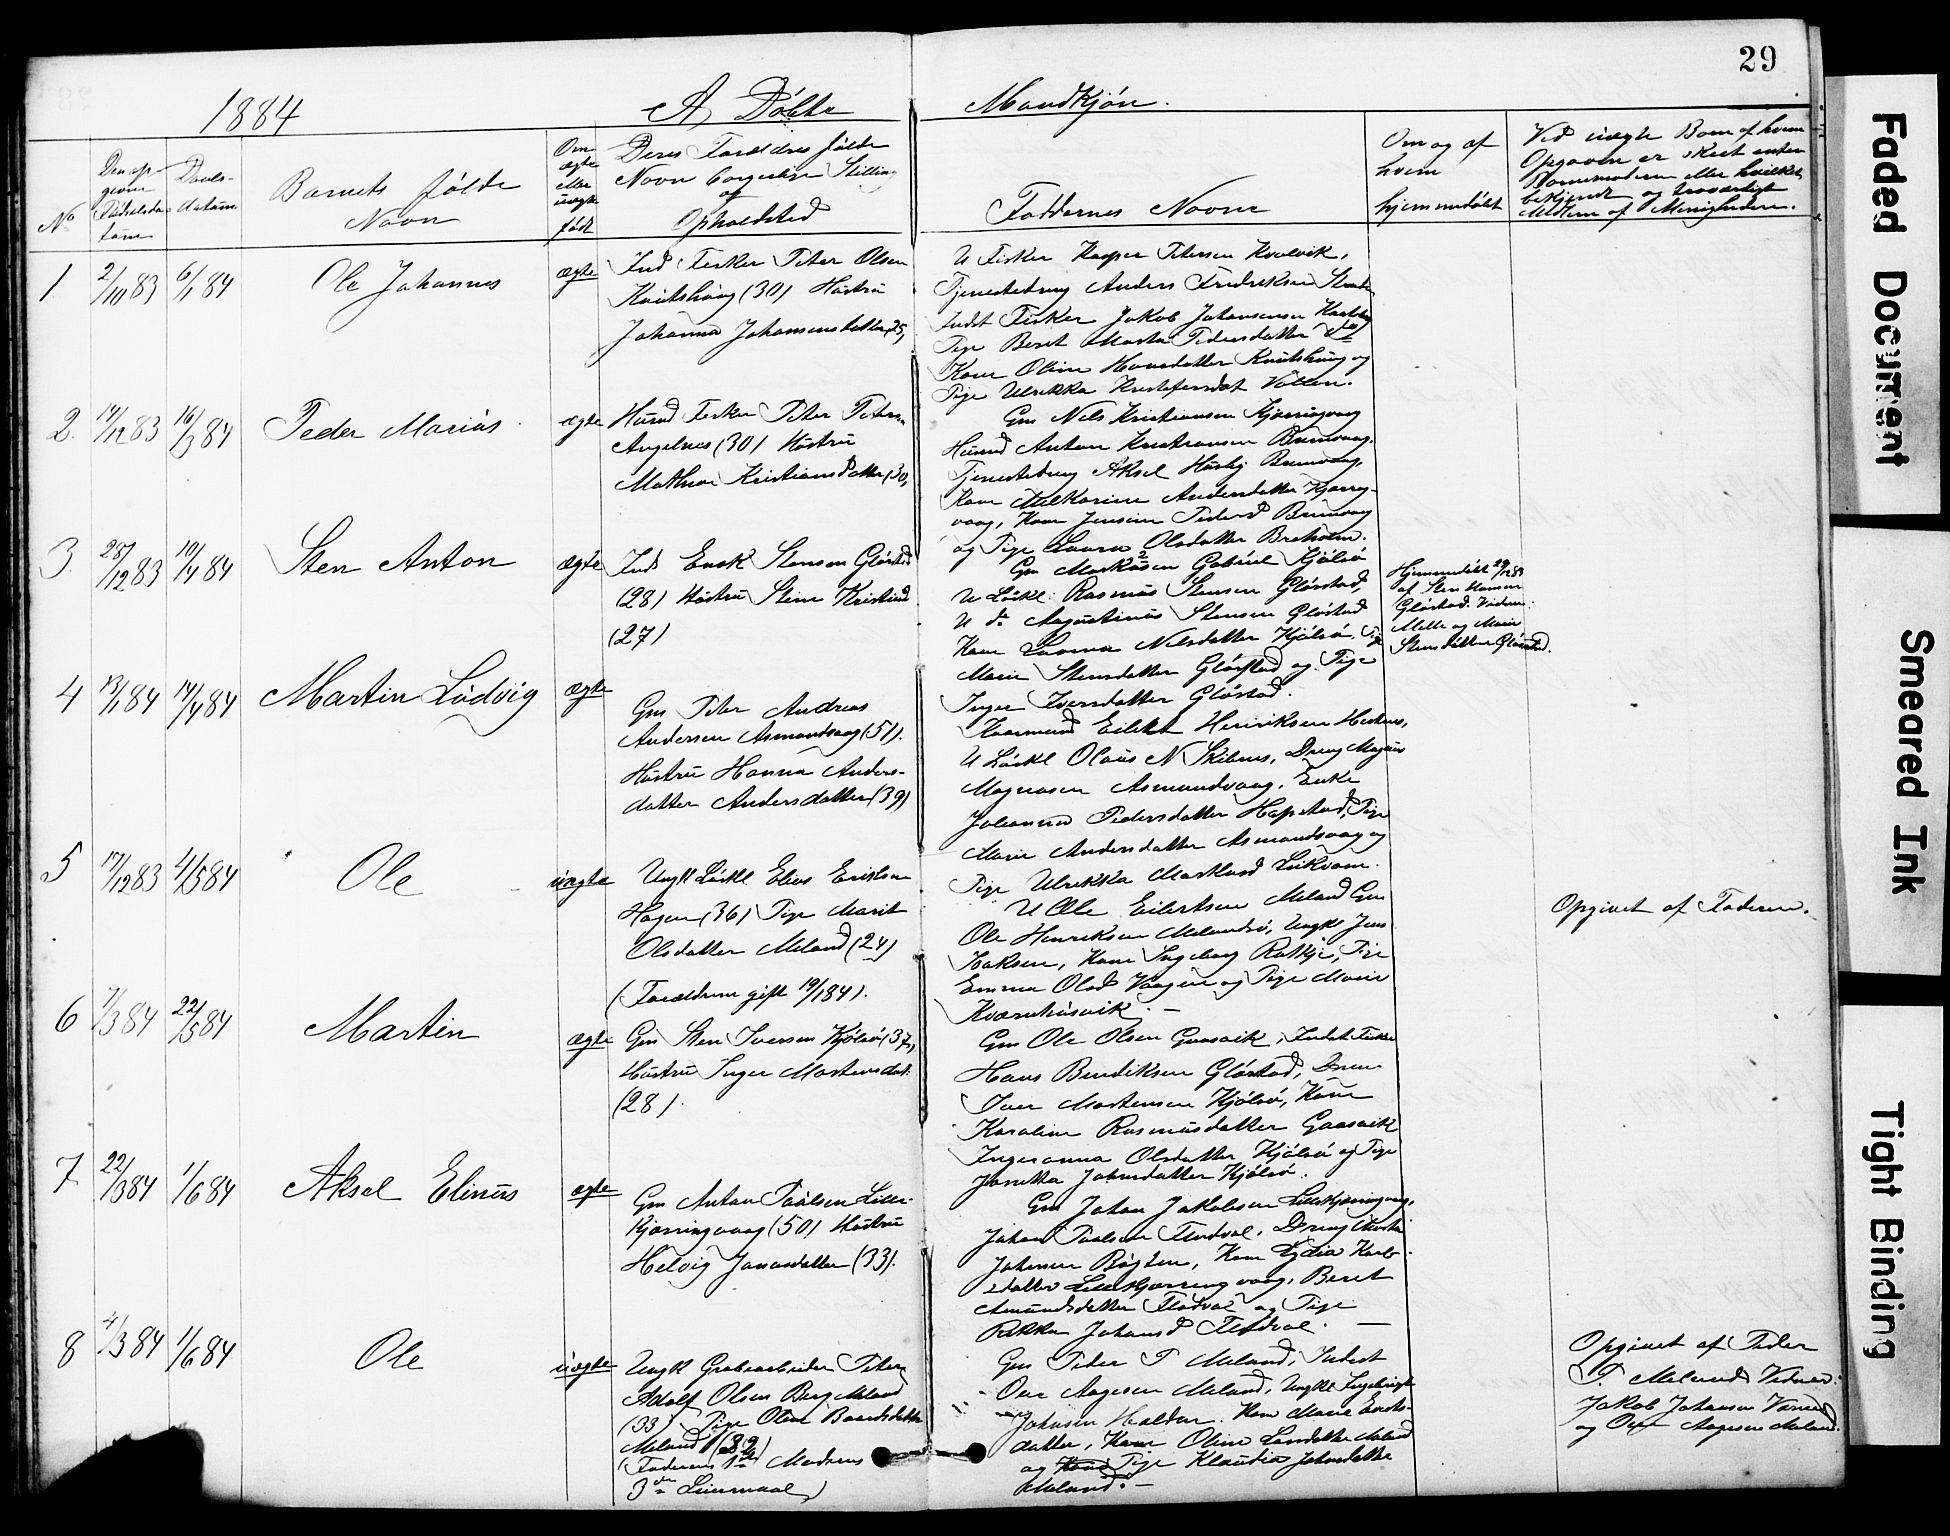 SAT, Ministerialprotokoller, klokkerbøker og fødselsregistre - Sør-Trøndelag, 634/L0541: Klokkerbok nr. 634C03, 1874-1891, s. 29